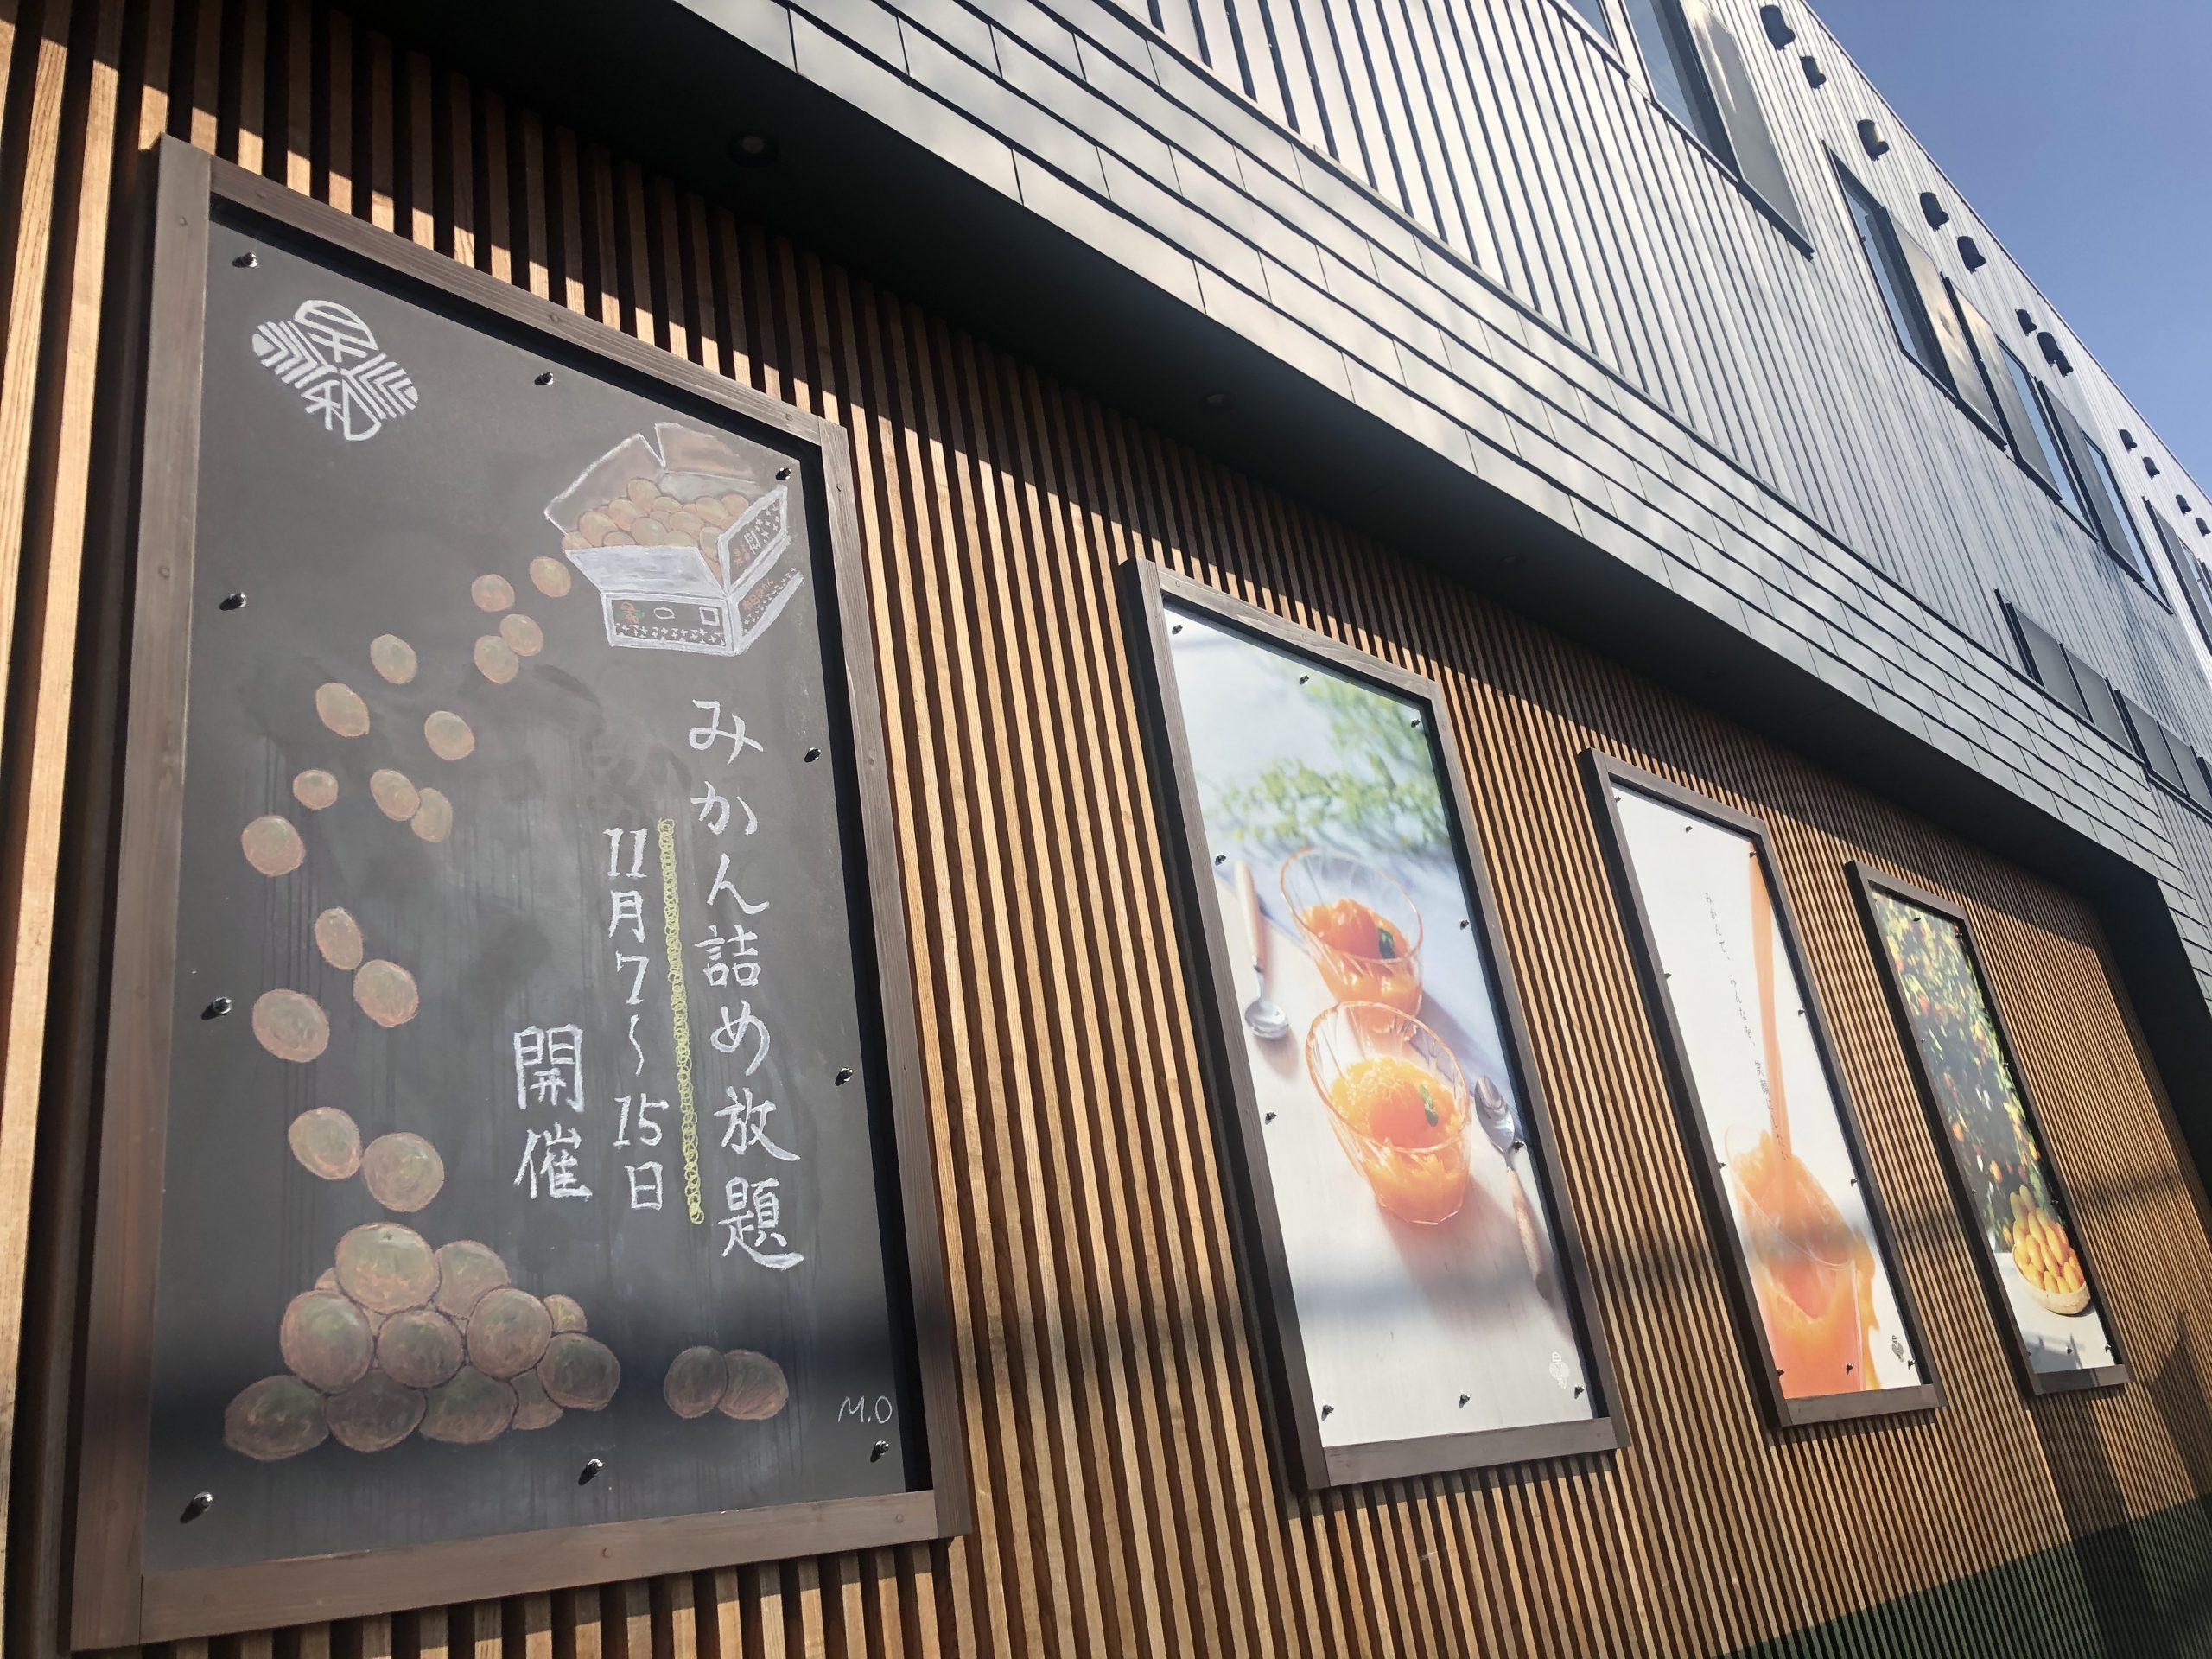 早和果樹園の壁に設置されている、大きな看板&黒板。黒板には店長力作の詰め放題のイラストが描かれている。